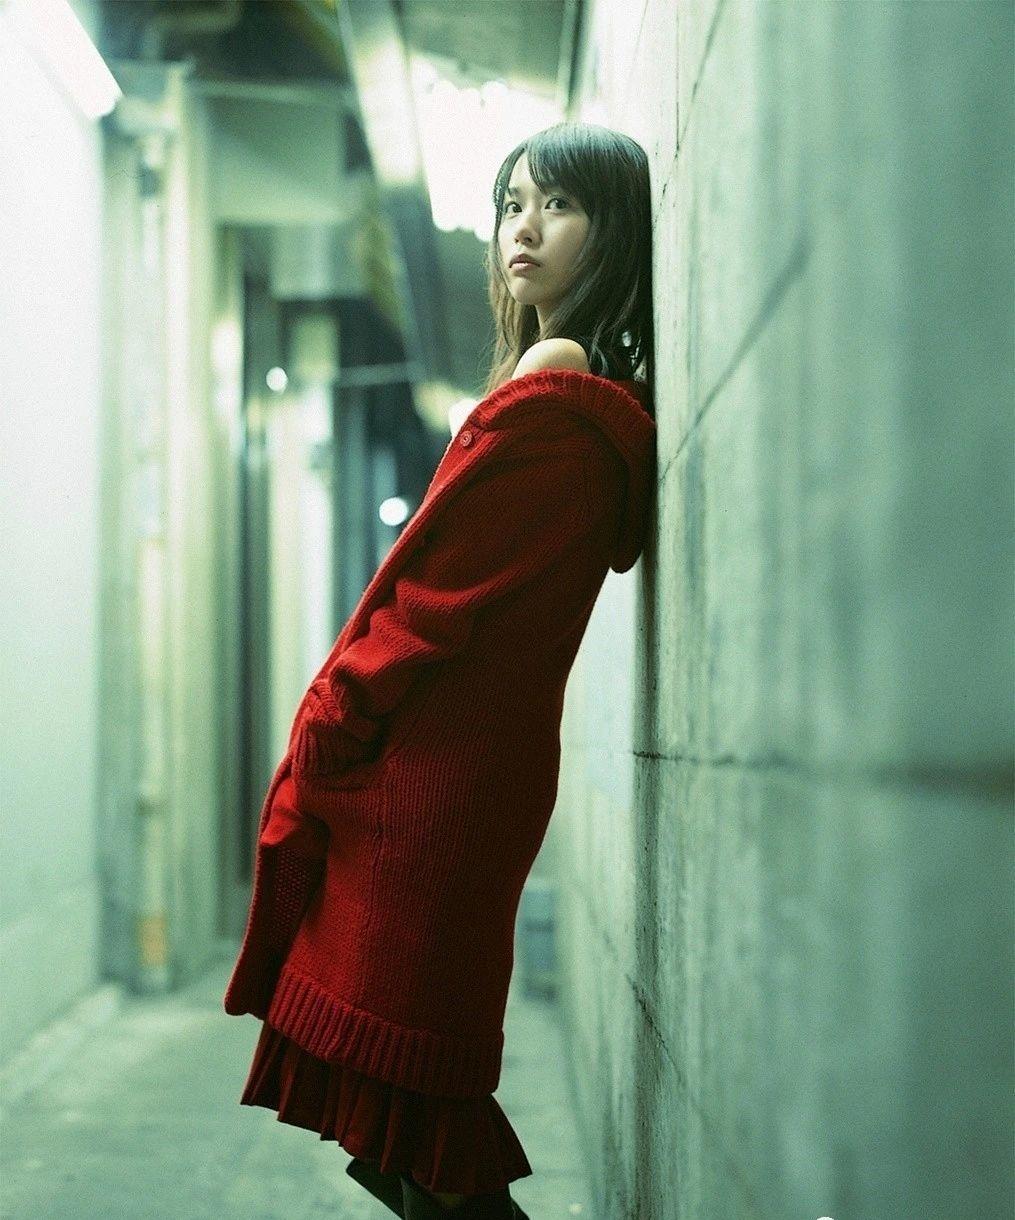 美的不可方物少女时代的户田惠梨香写真作品 (73)